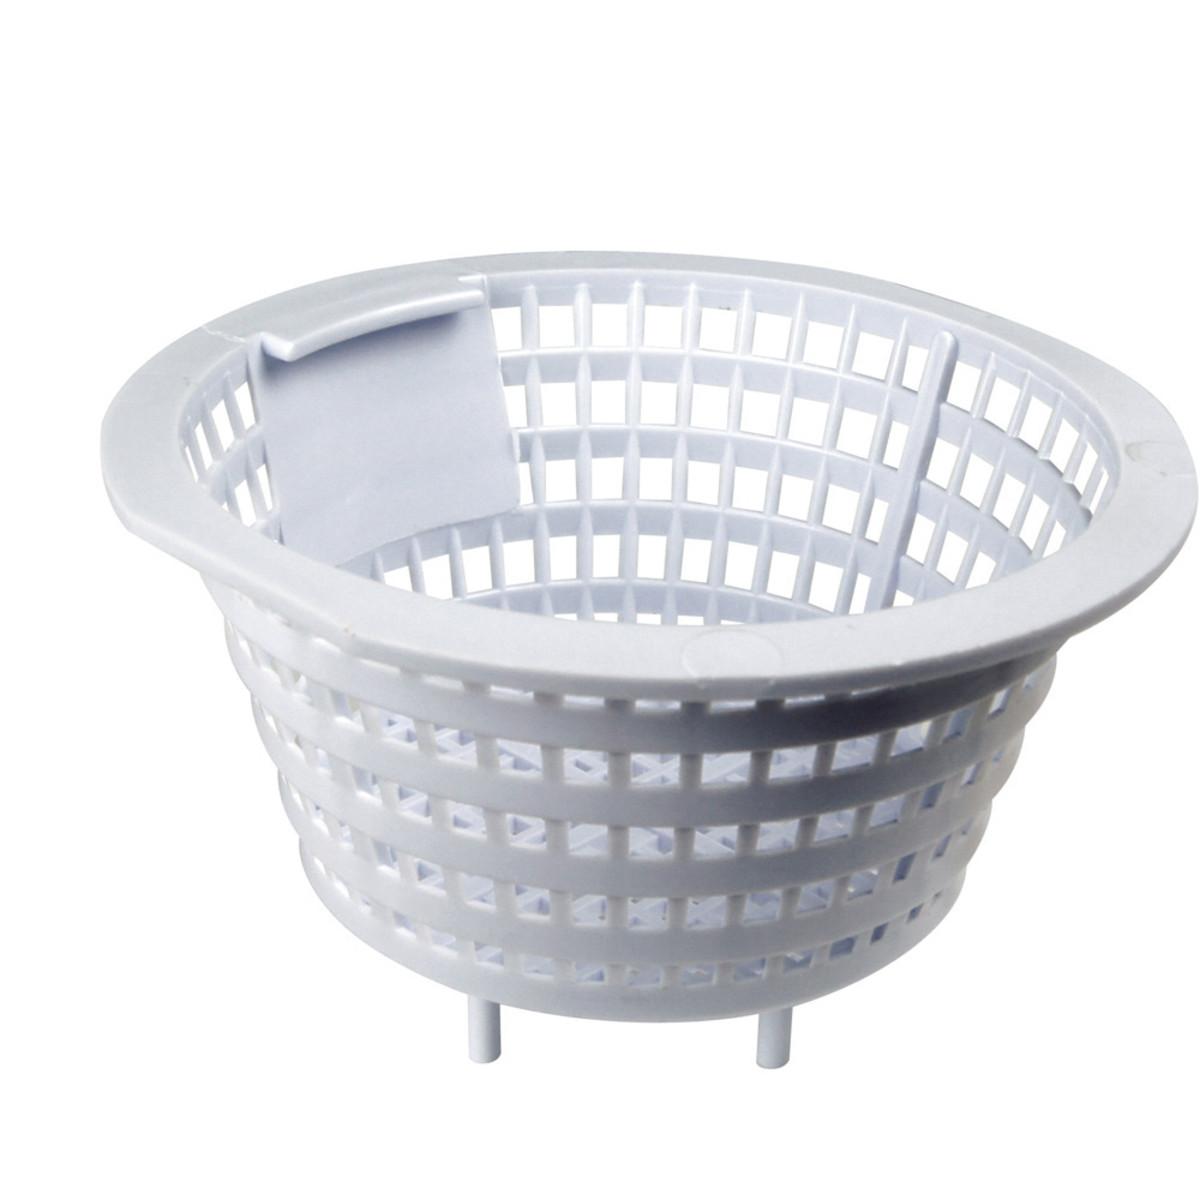 Poolmaster Basket For Skimmer Leaf Skimmers Splash Super Center